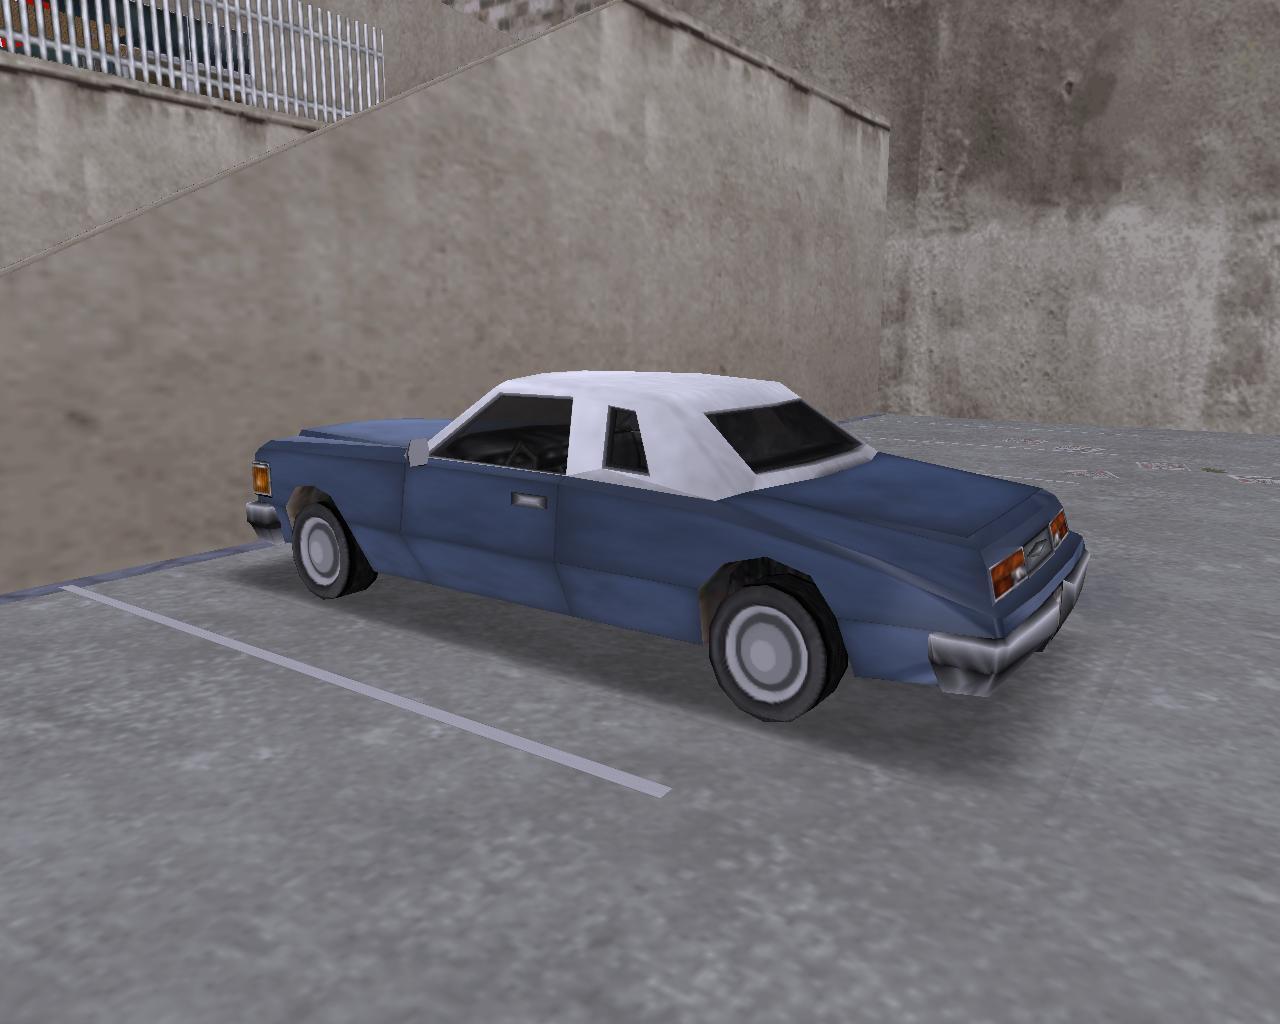 2. Idaho (PC) - Grand Theft Auto 3